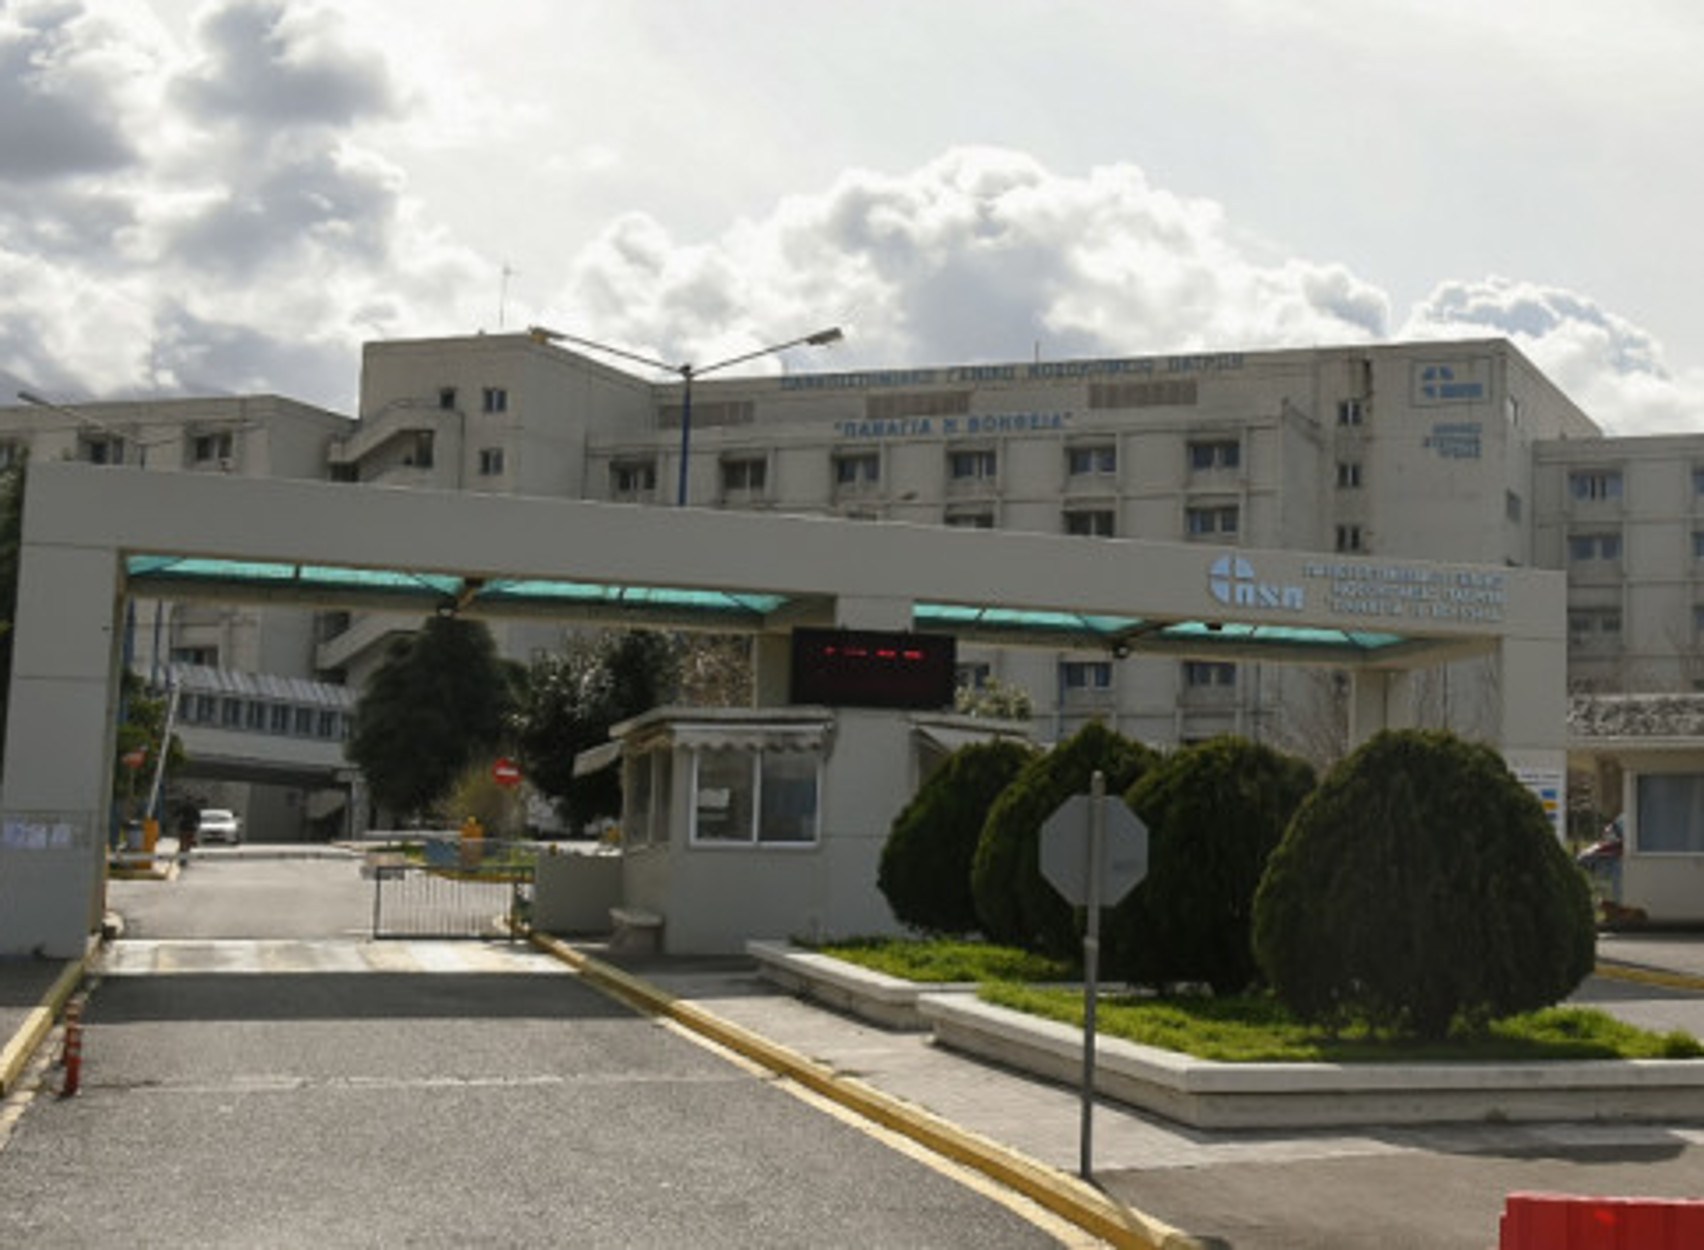 Κορονοϊός: Πληροφορίες για κρούσματα στο νοσοκομείου του Ρίου! Θετικοί στον ιό 5 γιατροί